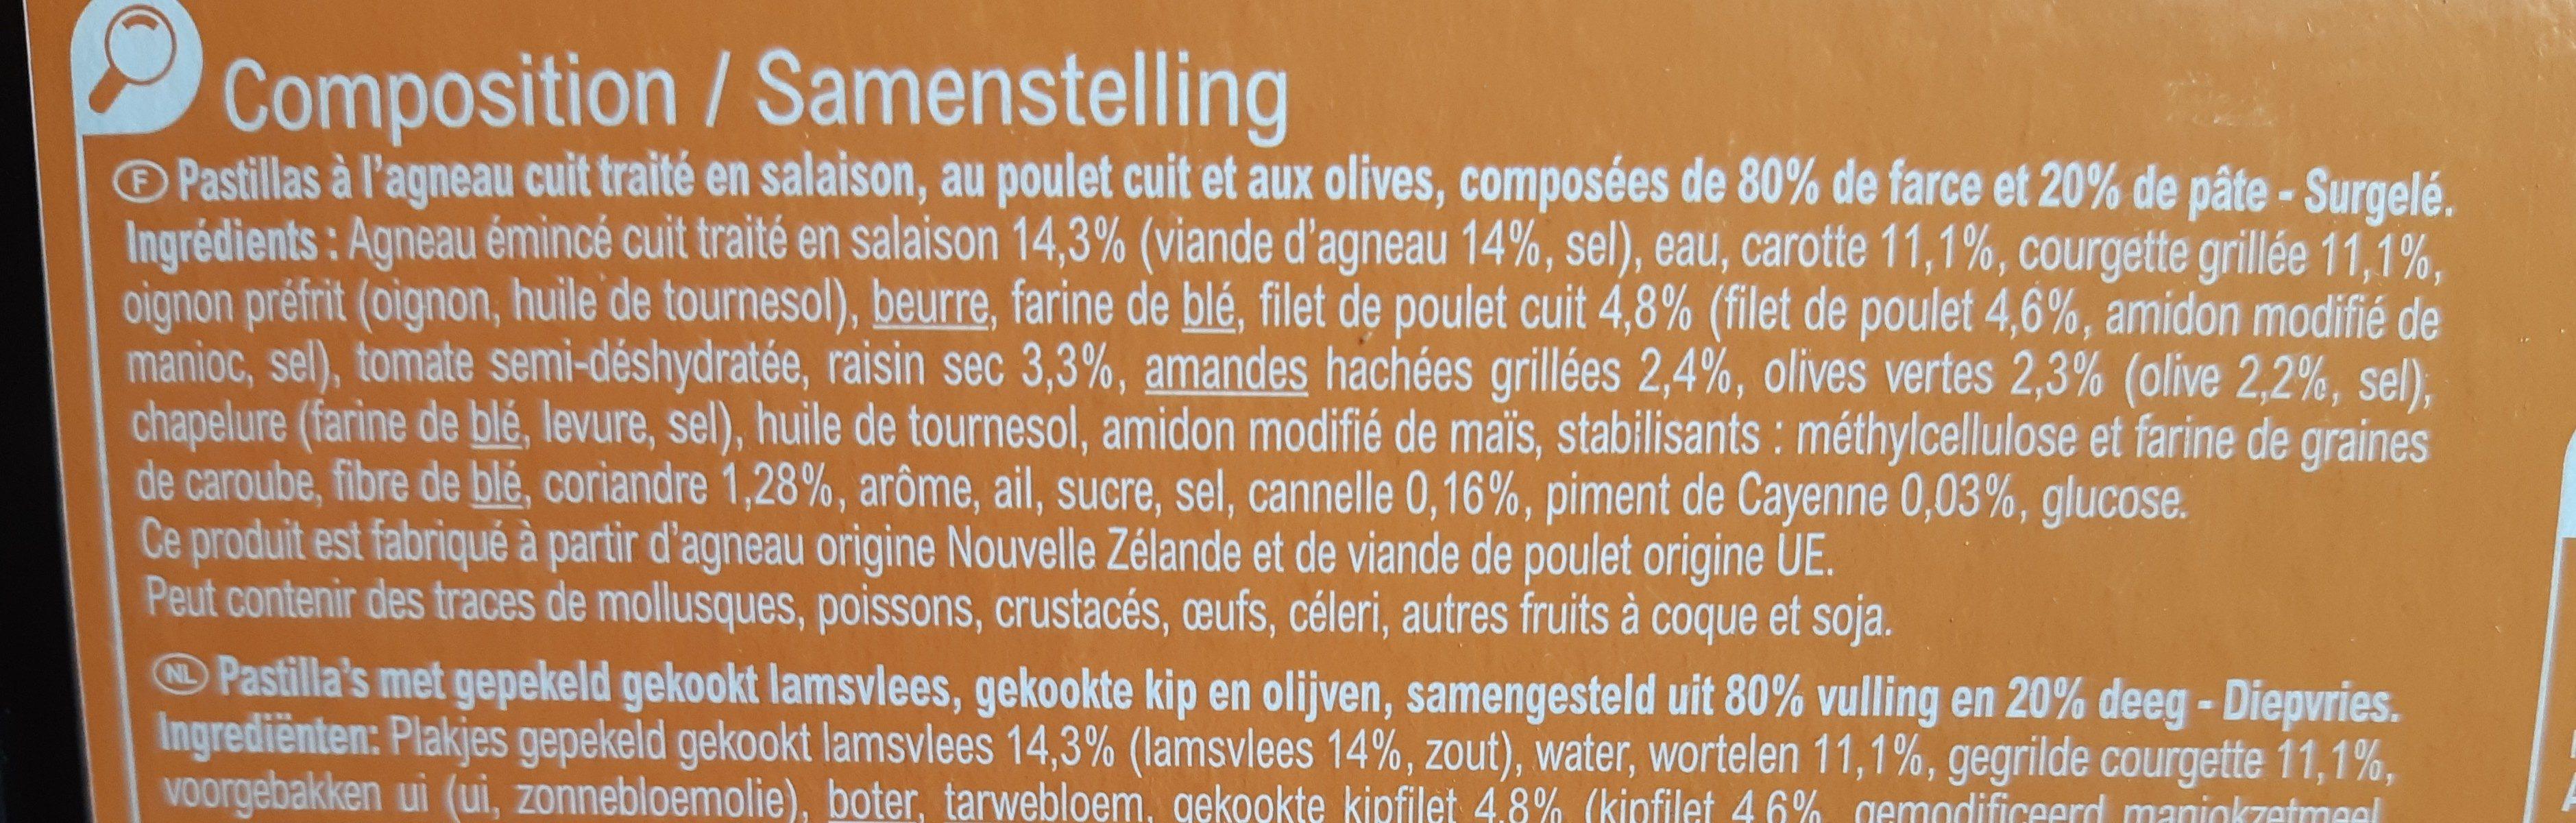 2 Pastillas à l'Agneau, Poulet et Olives - Ingrédients - fr